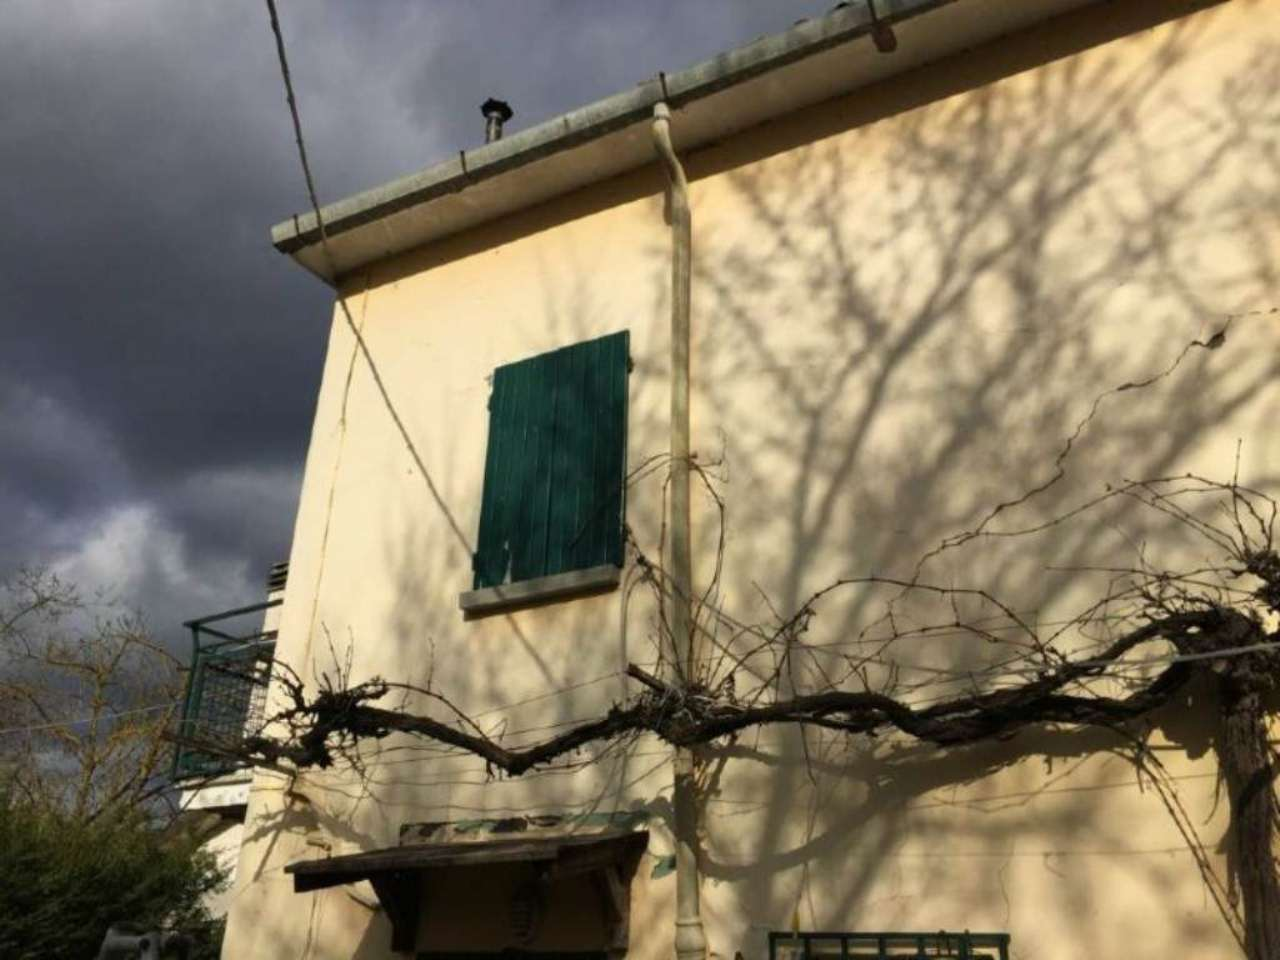 Palazzo / Stabile in vendita a Mercato Saraceno, 5 locali, prezzo € 70.000 | Cambio Casa.it